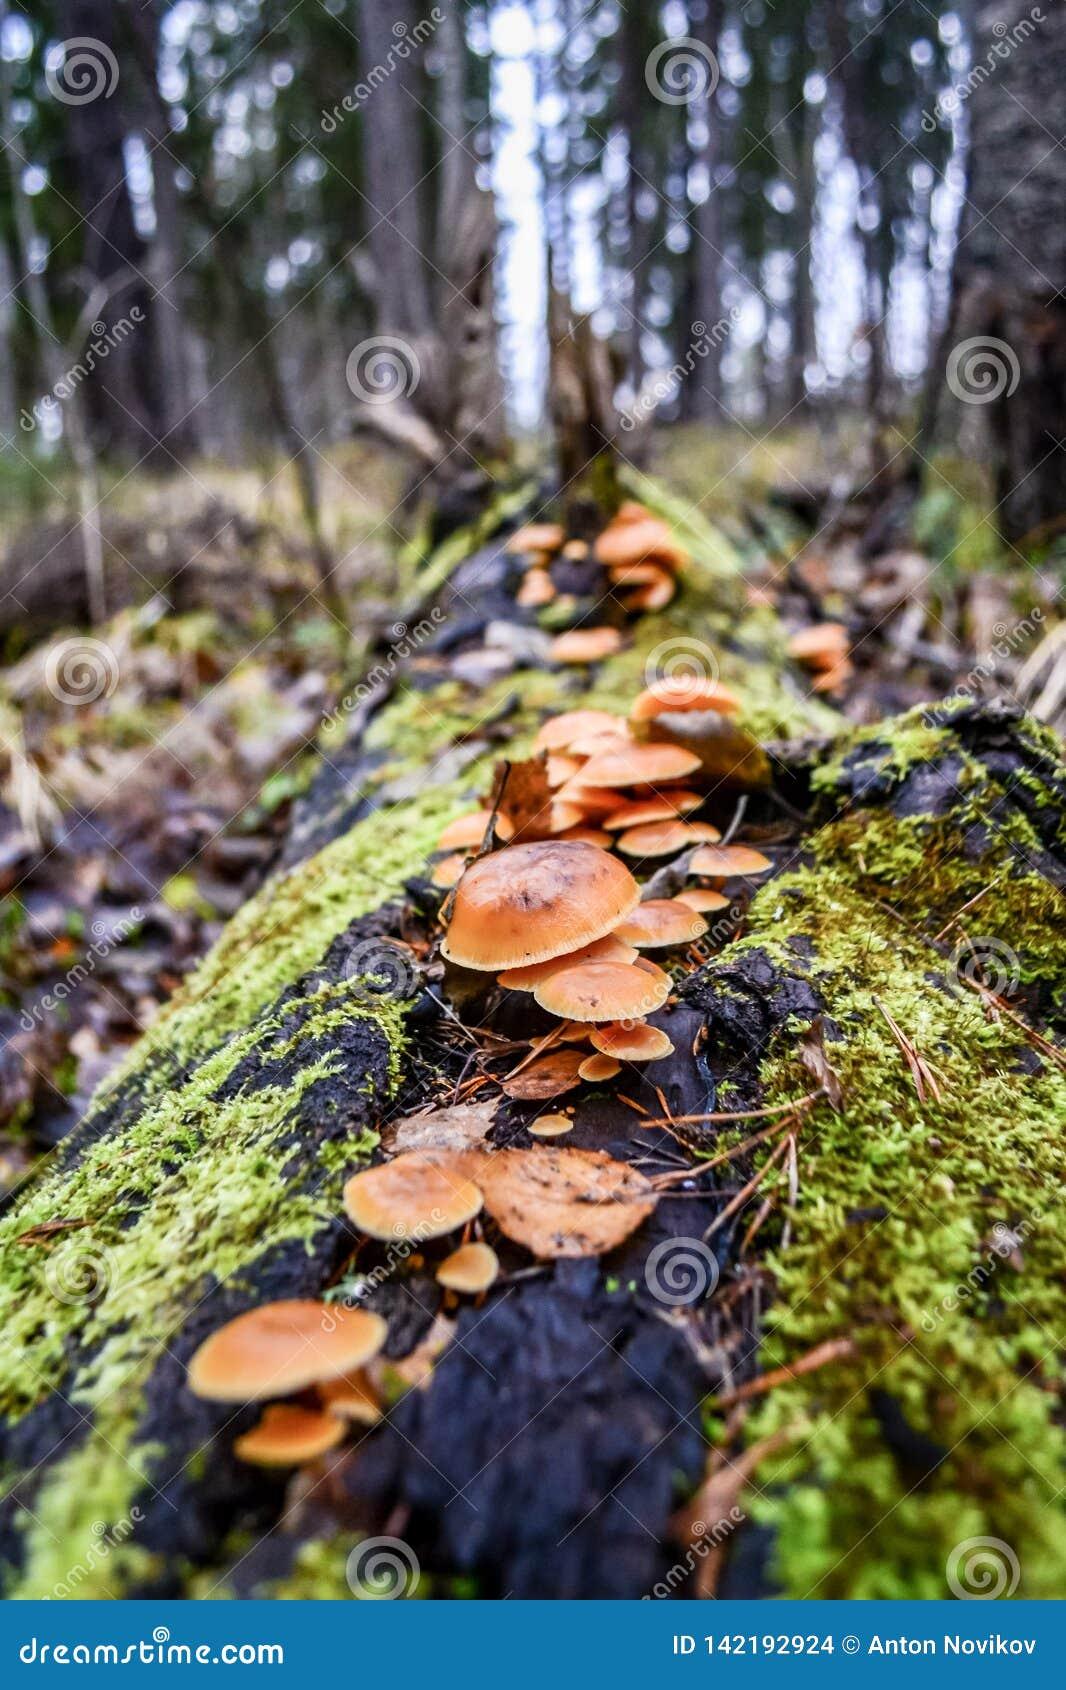 Paysage de forêt avec des champignons sur un arbre